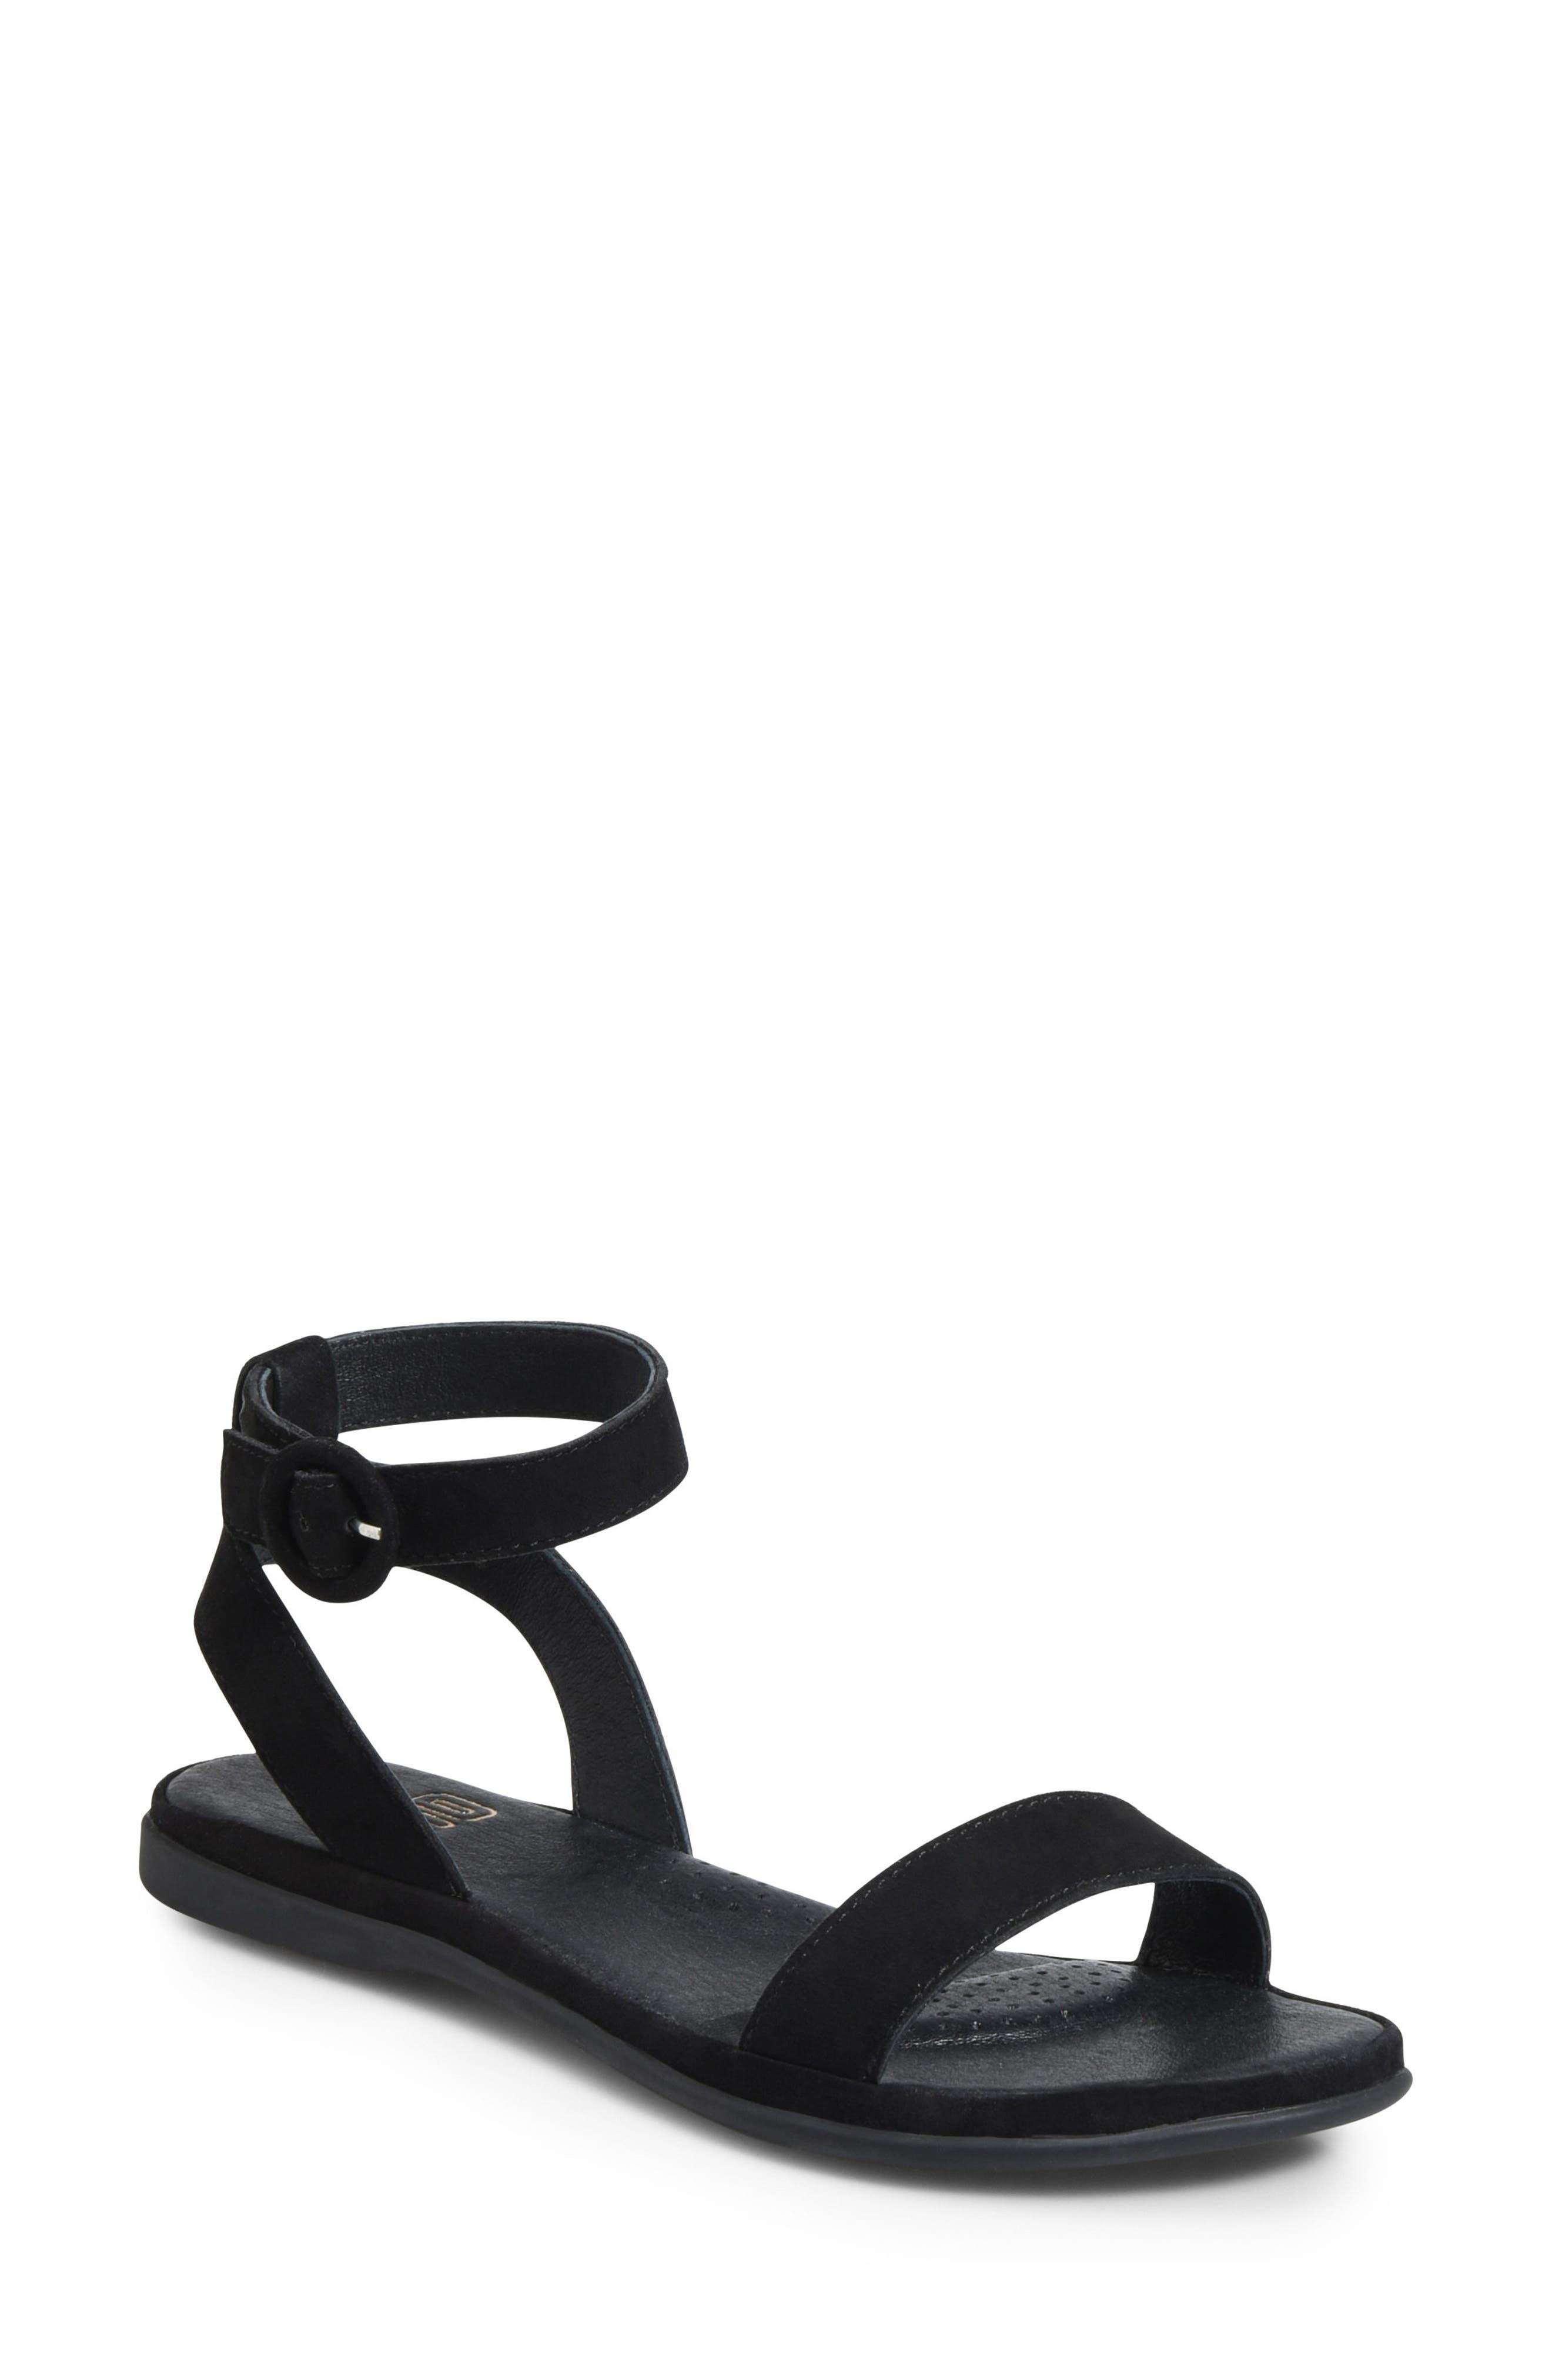 Ono Stellan Sandal, Black